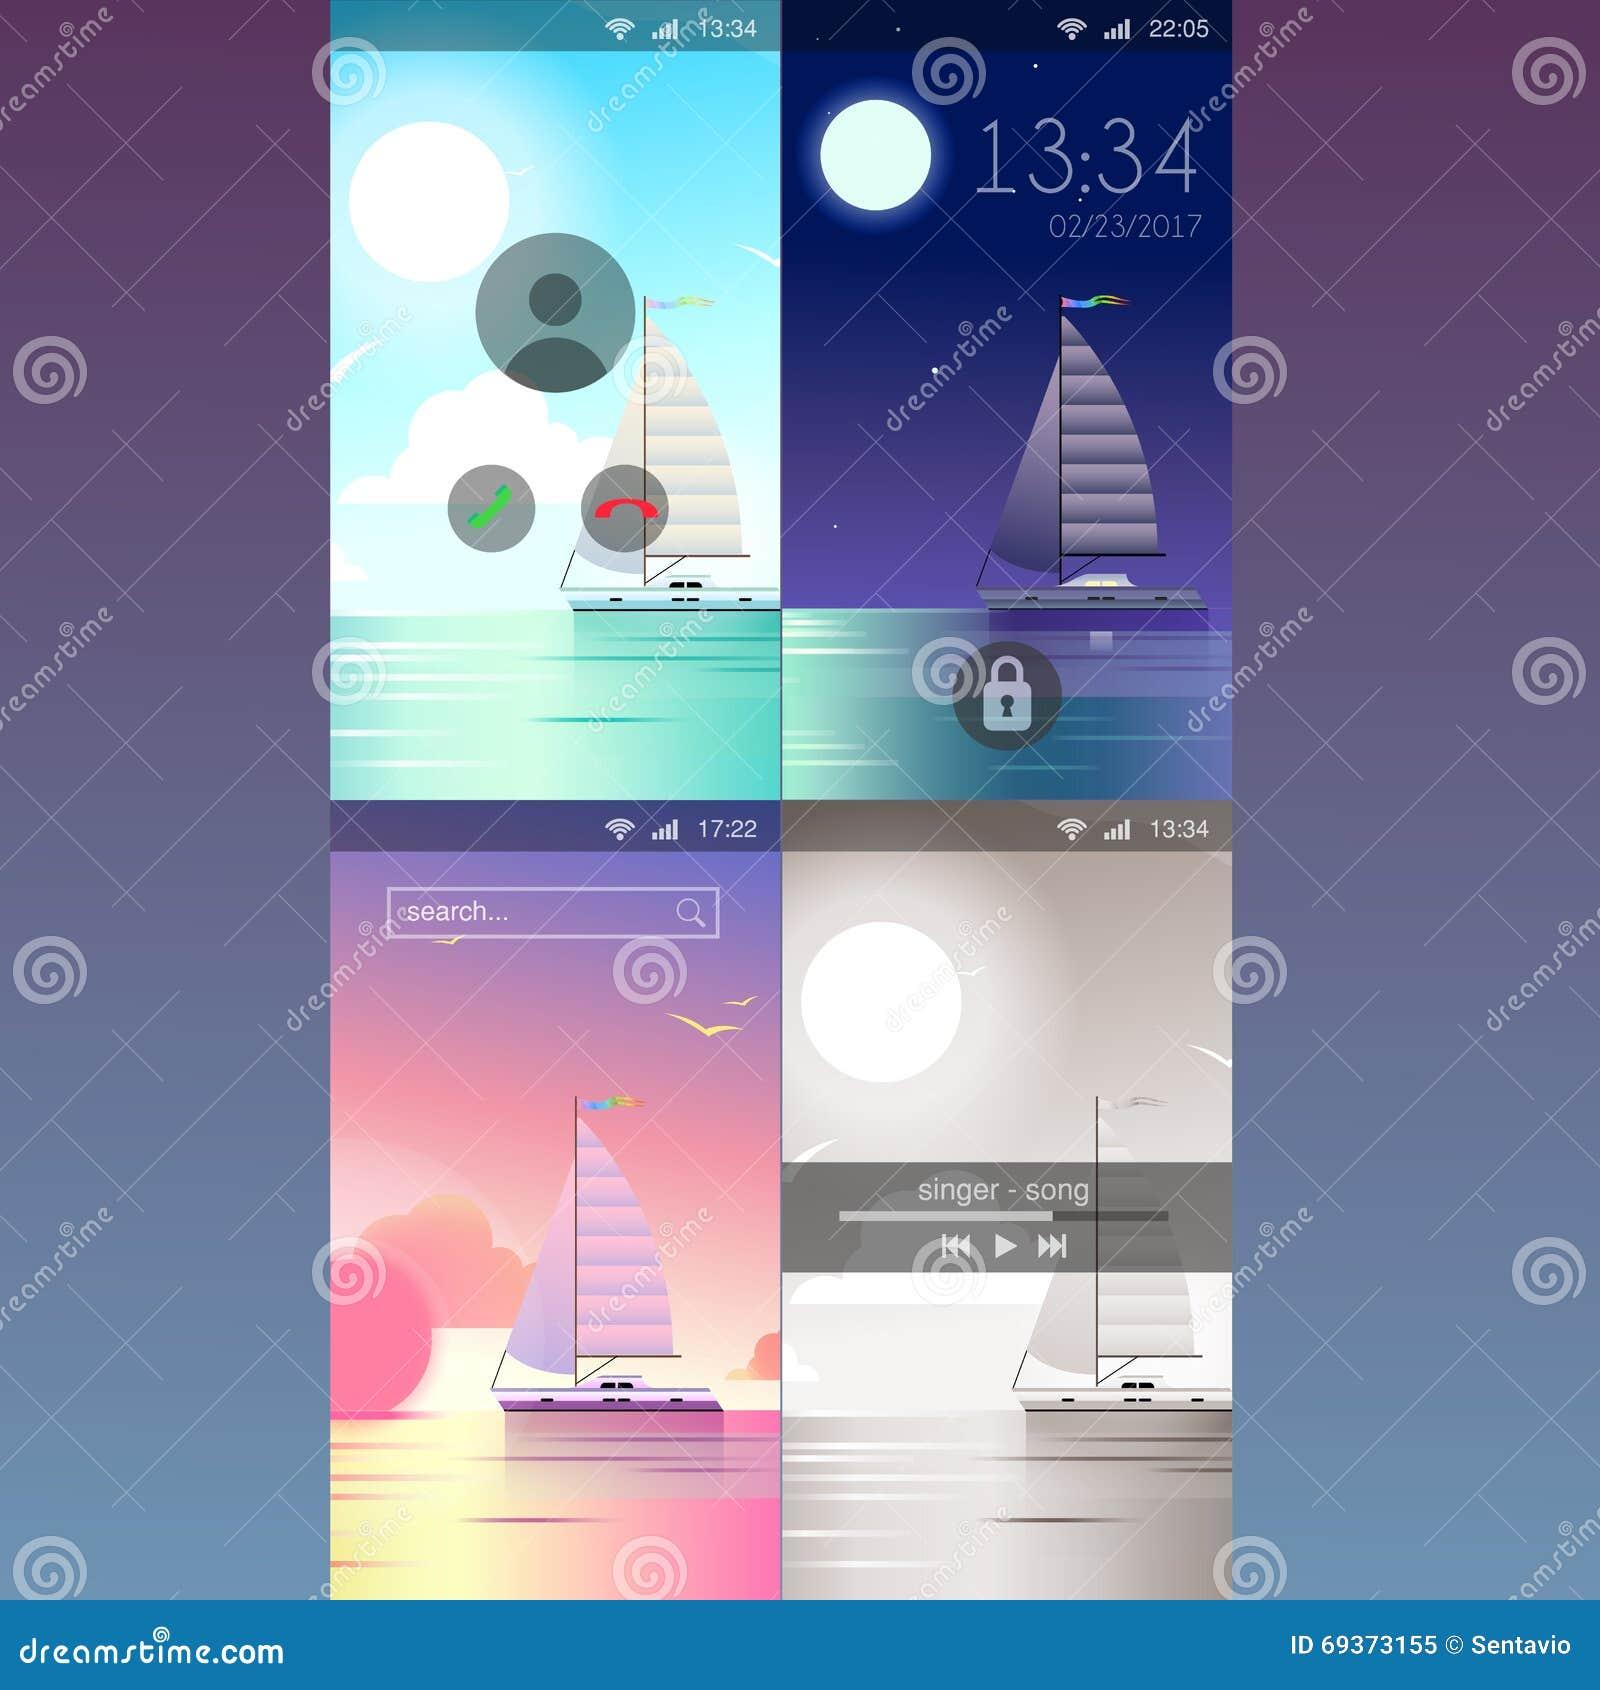 mobile app application background wallpaper template mockup stock vector illustration of. Black Bedroom Furniture Sets. Home Design Ideas